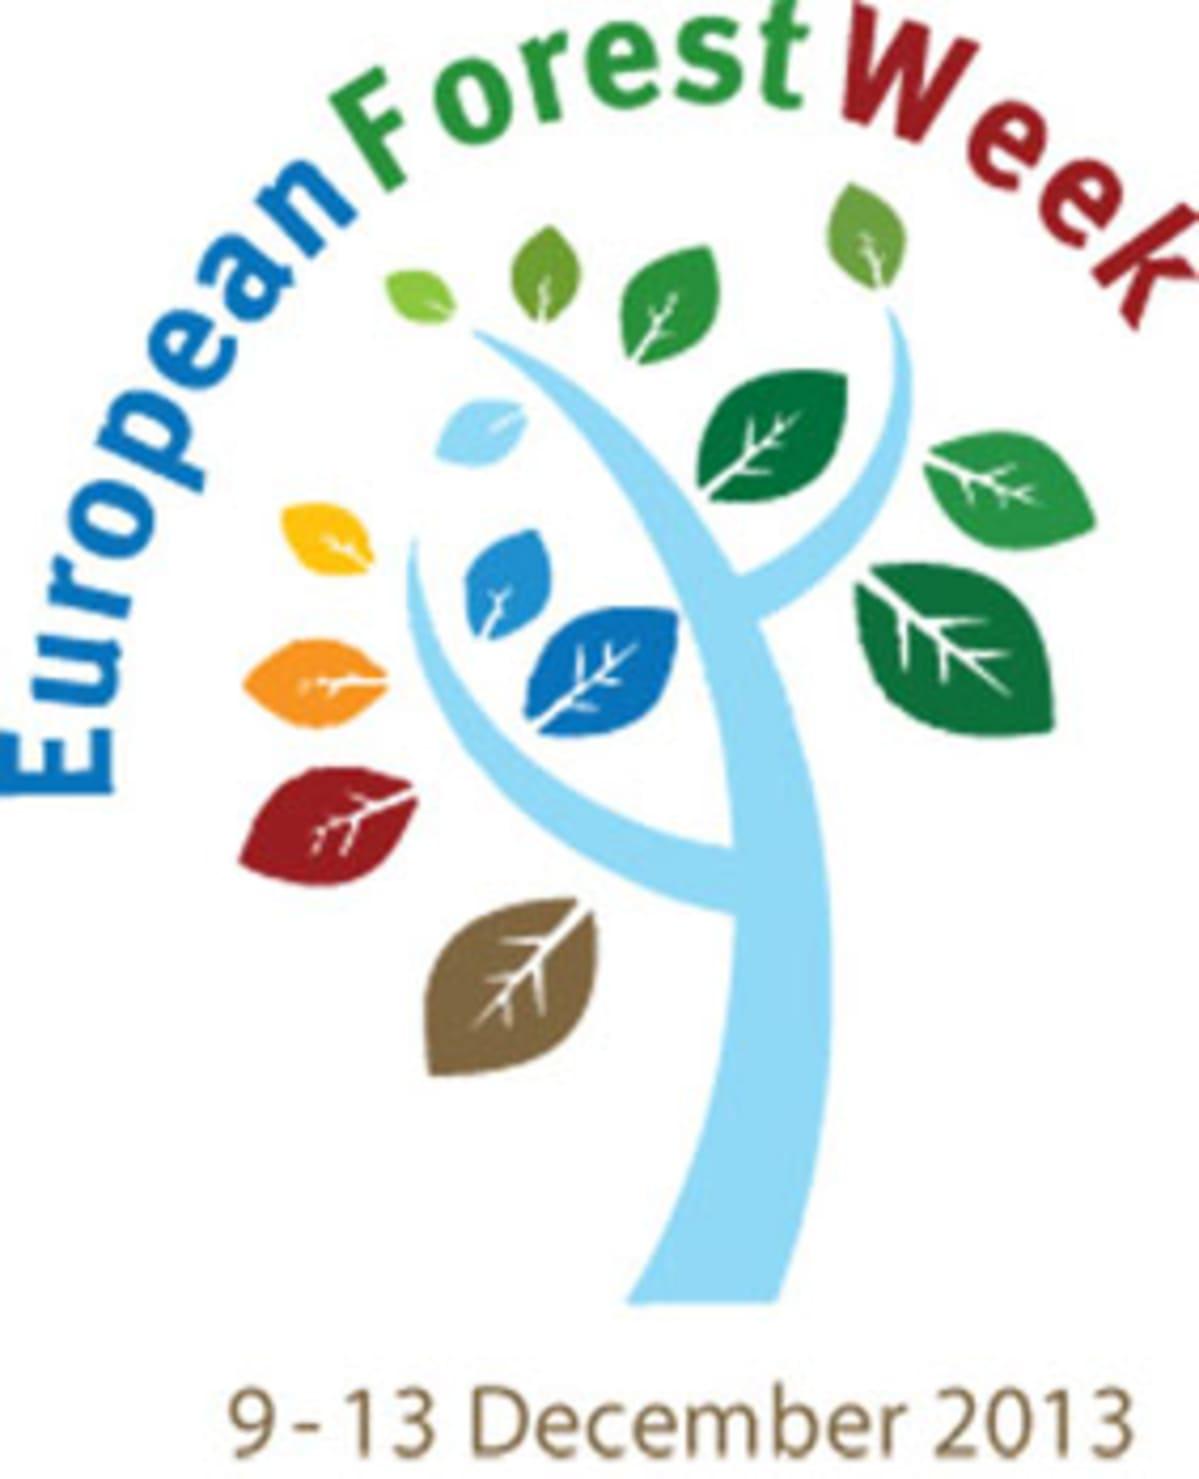 Euroopan metsäviikko 2013 logo